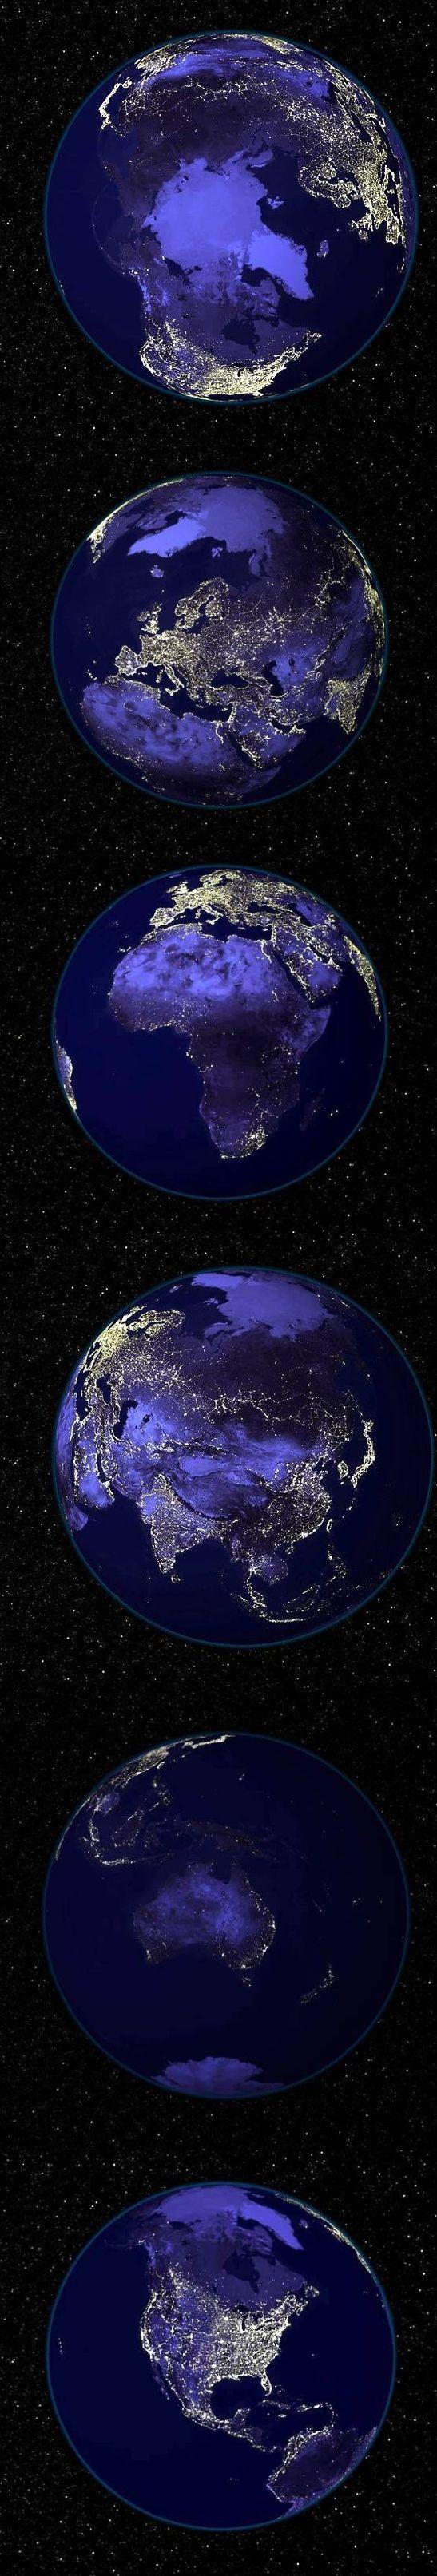 La Terra vista di notte dai satelliti della NASA mostra i maggiori agglomerati urbani del pianeta!